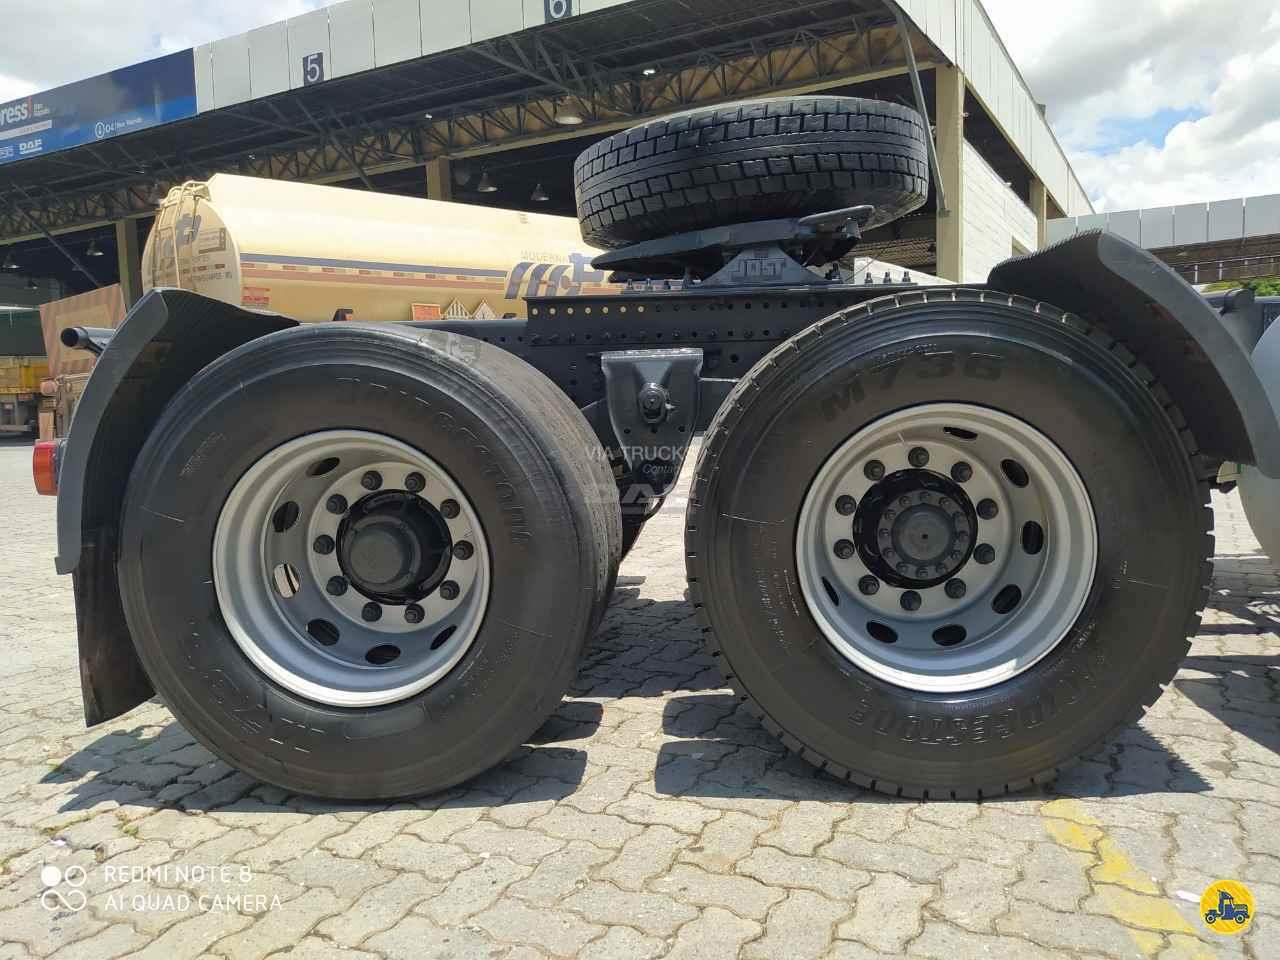 VOLVO VOLVO FH 440 63985km 2009/2009 Via Trucks - DAF